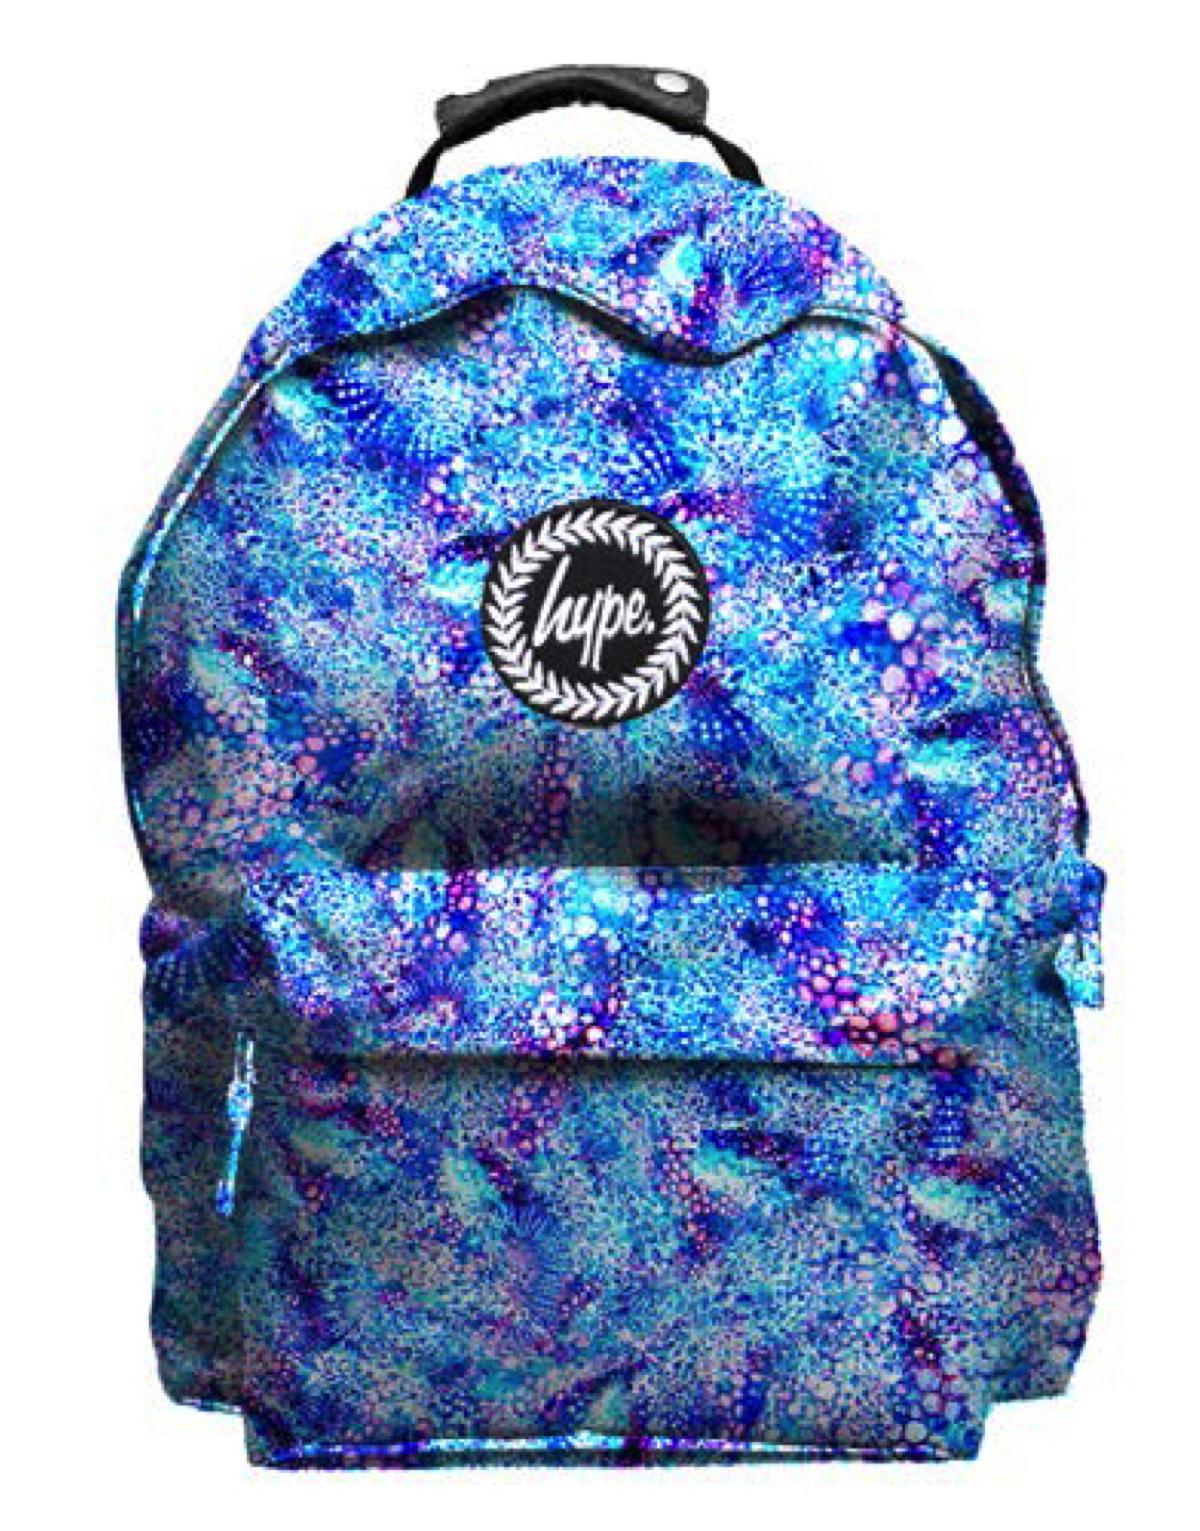 66eee7685bdac HYPE Rucksack Tasche Backpack 096 blau schwarz lila grün Sport ...